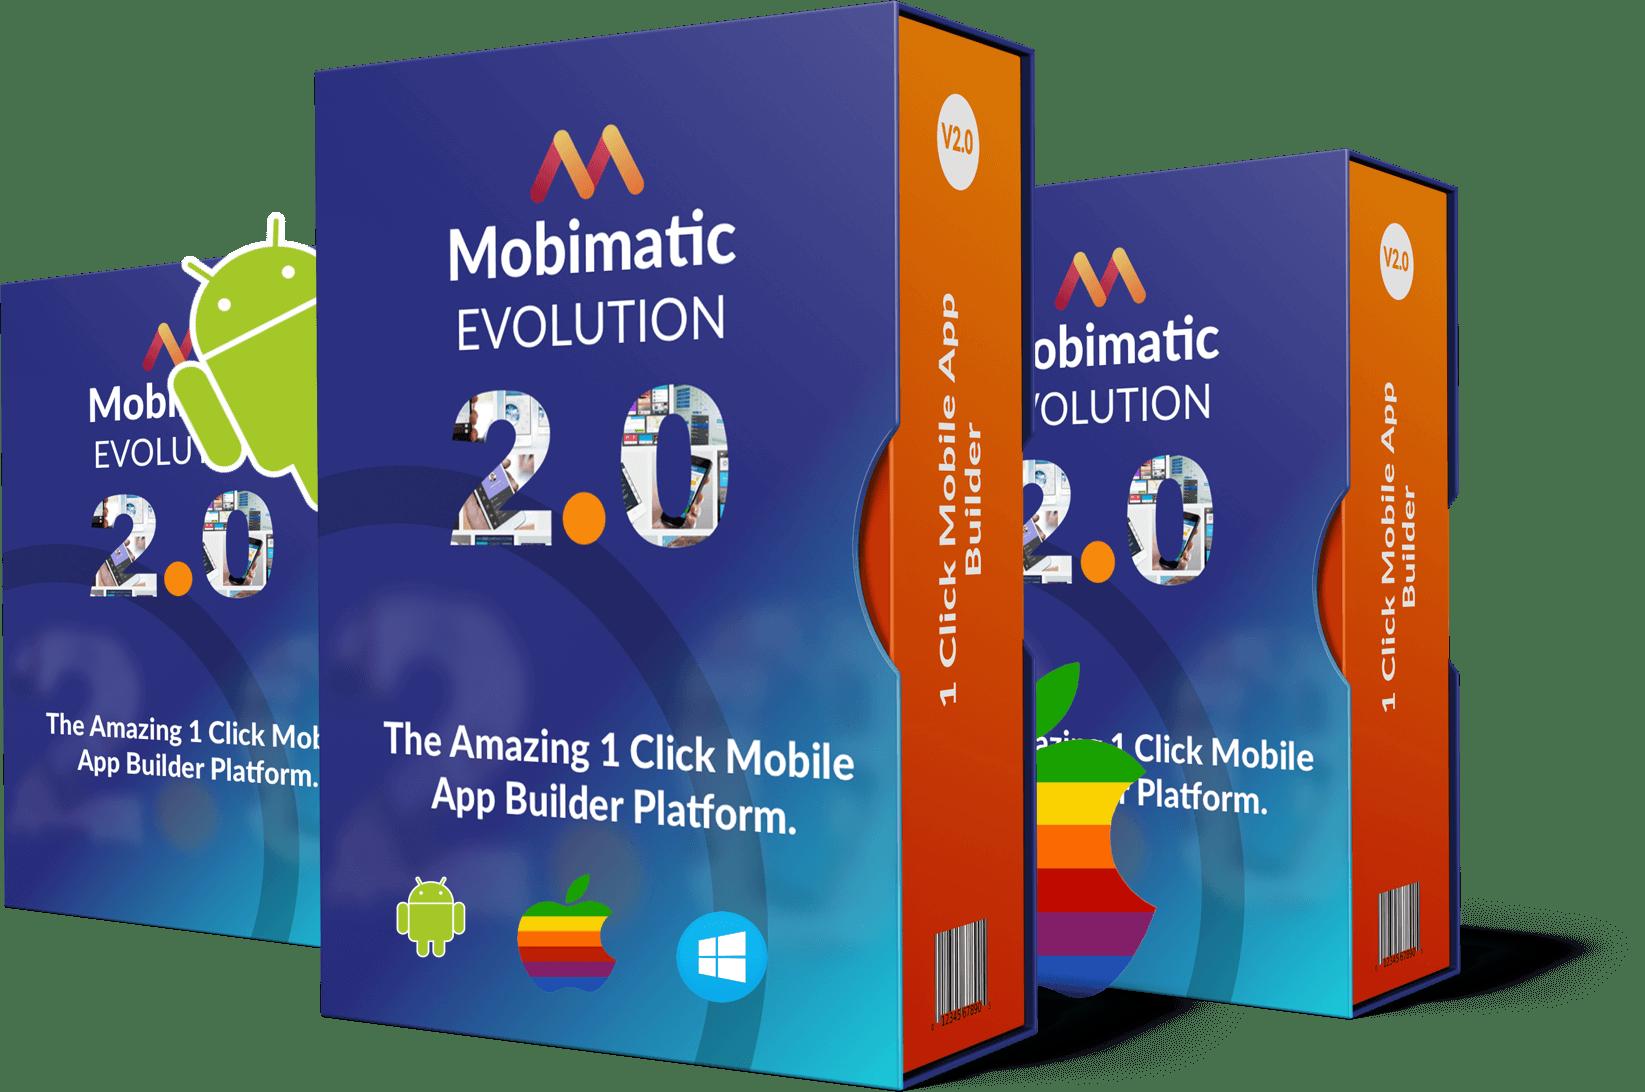 Visual Mobile App Design Platform - Make Mobile Apps in 3 Easy Steps!